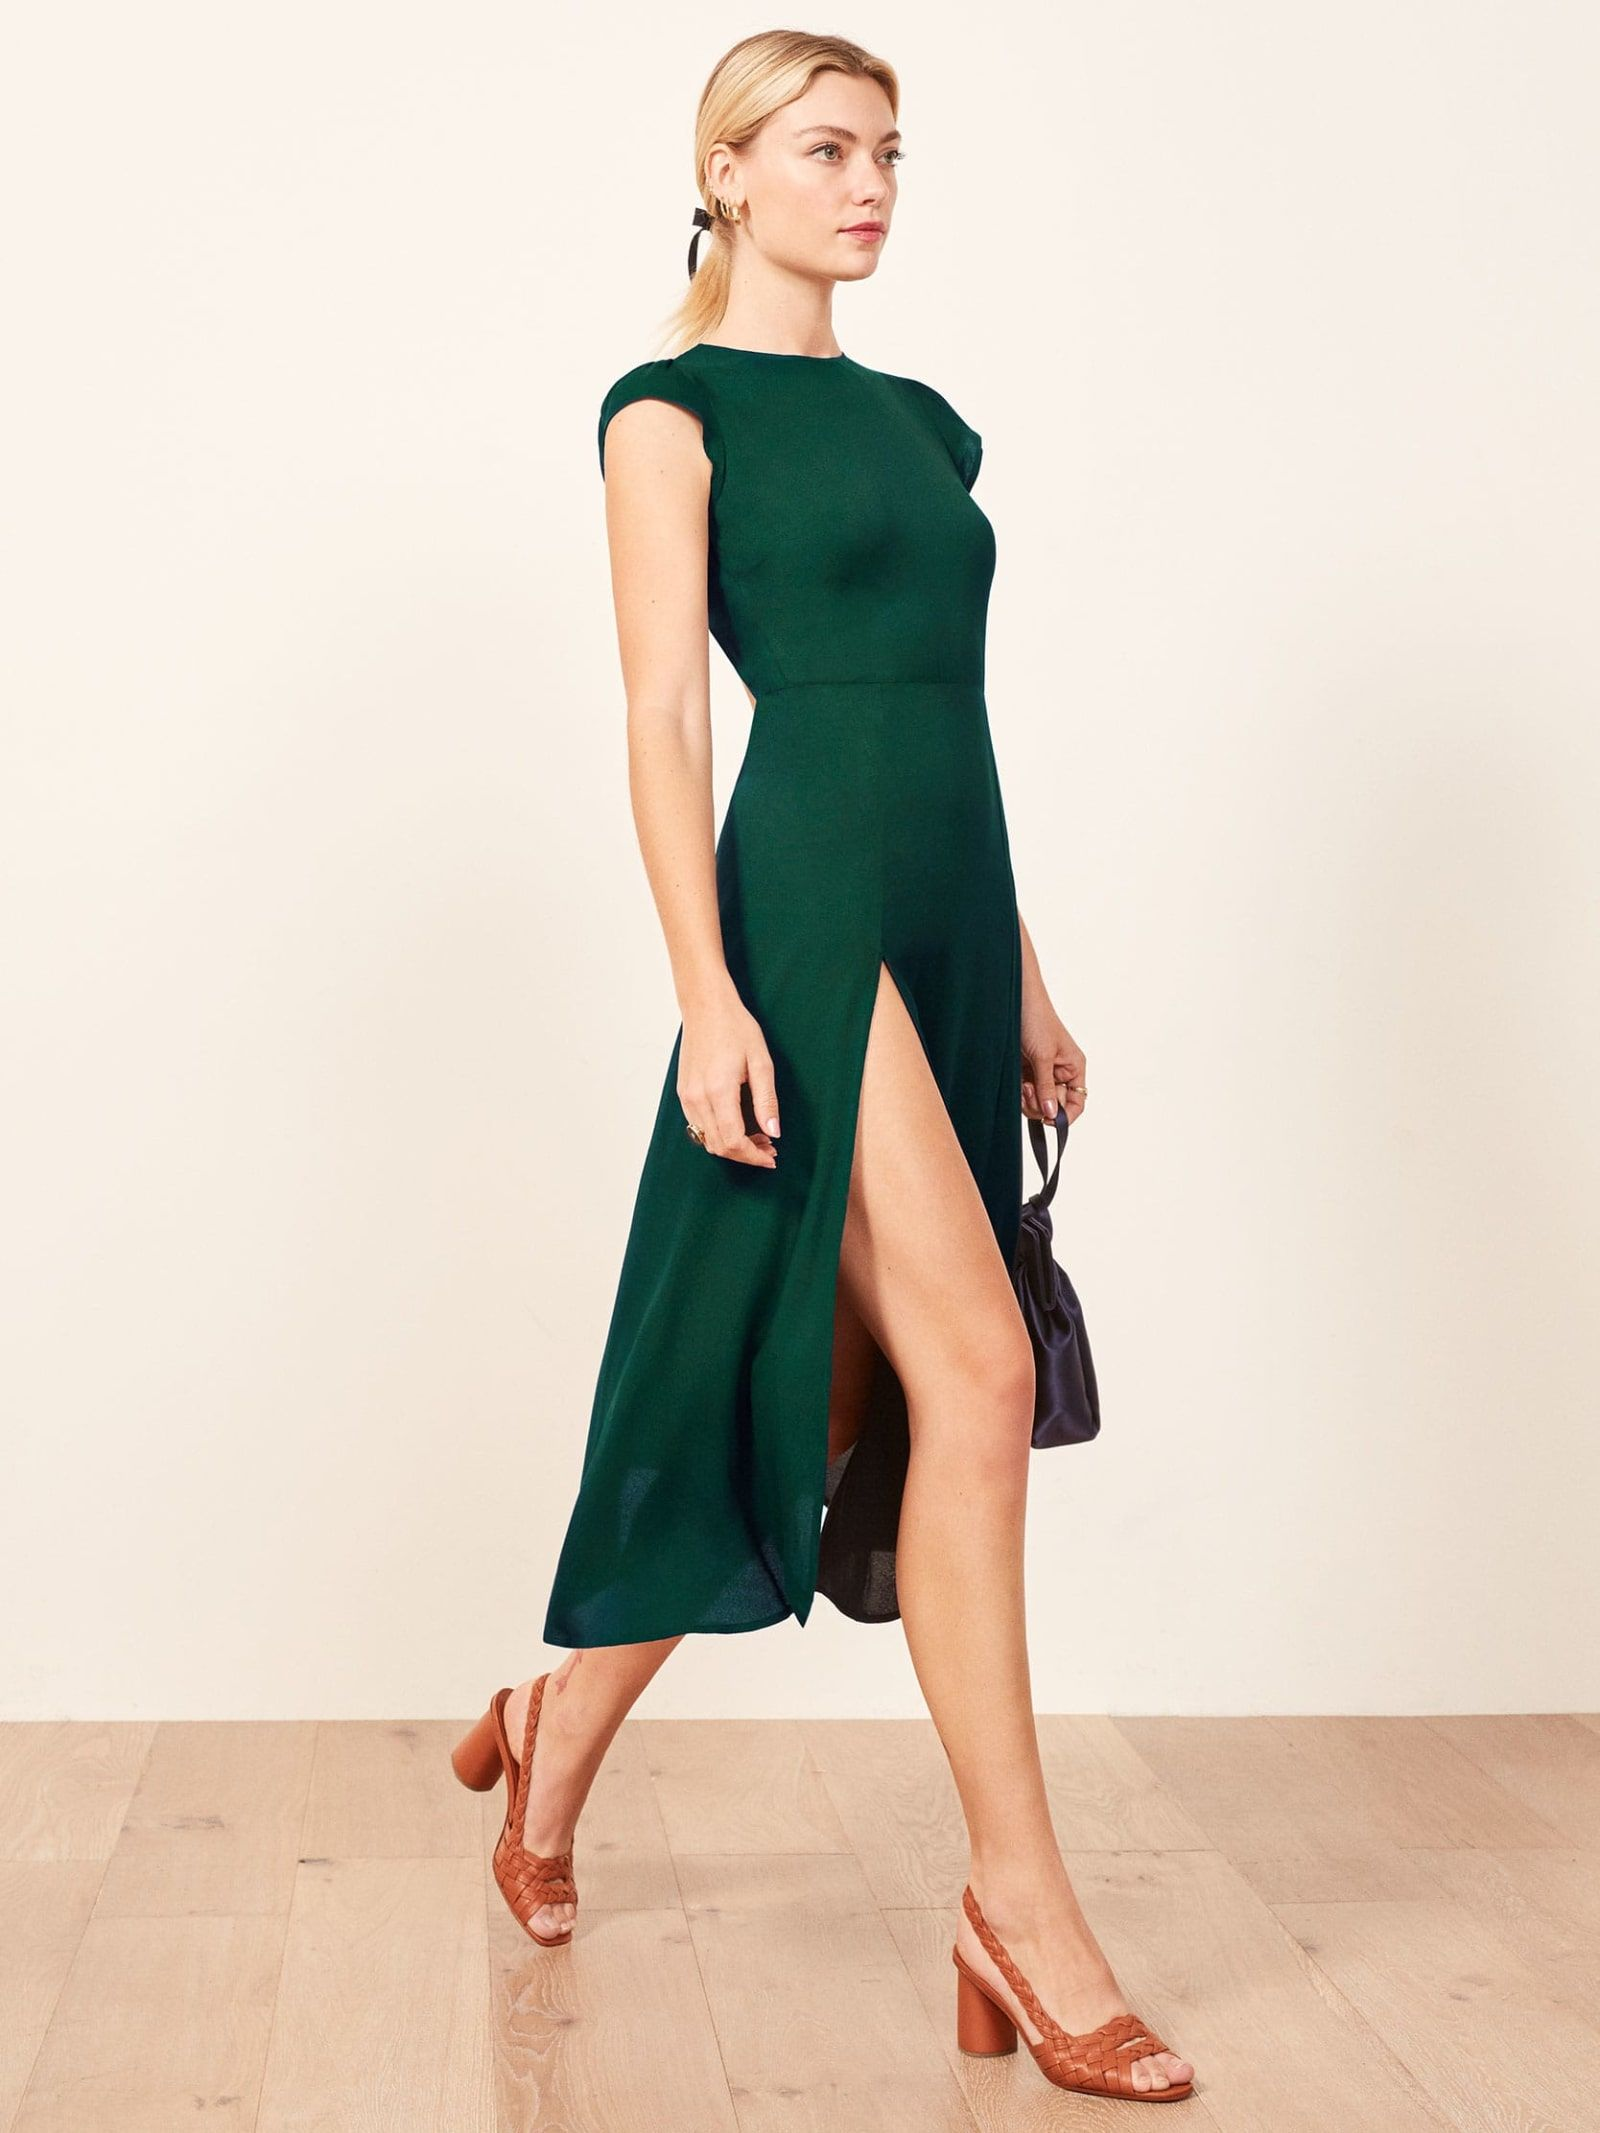 Petites Gavin Dress | Abendkleid, Mode für frauen, Kleider